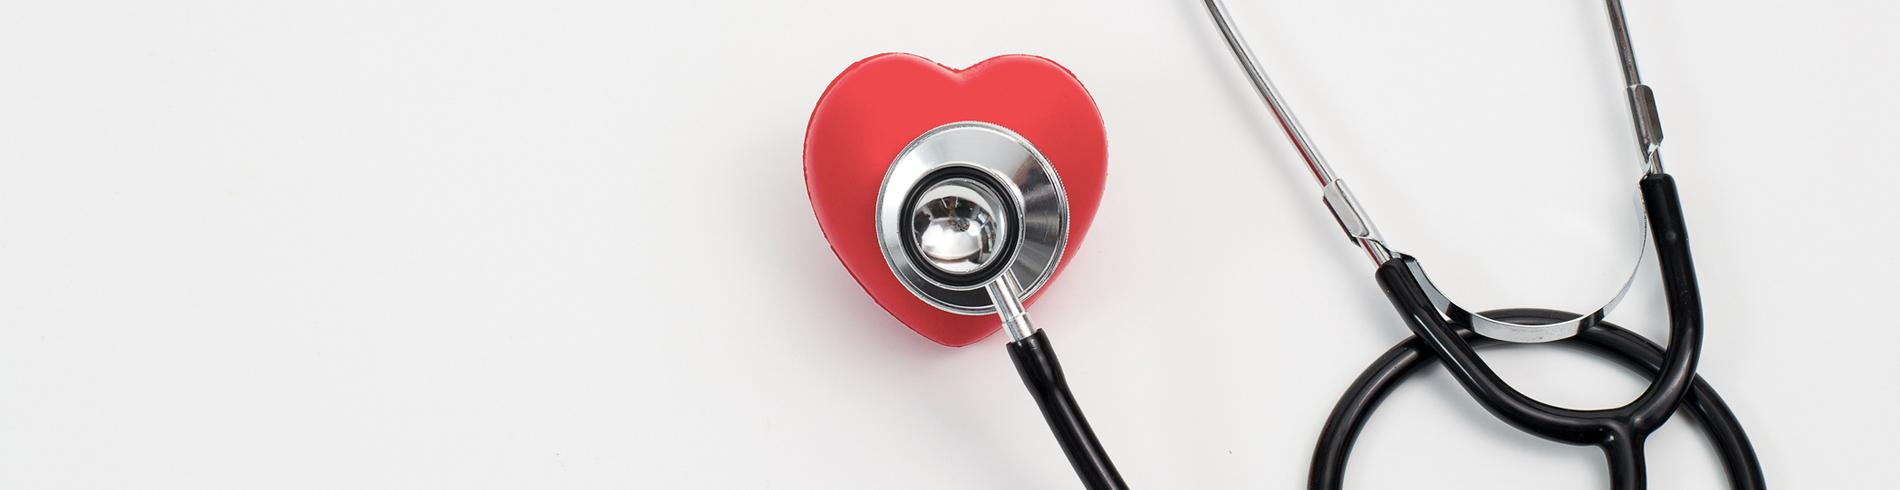 Servei de rehabilitació cardíaca